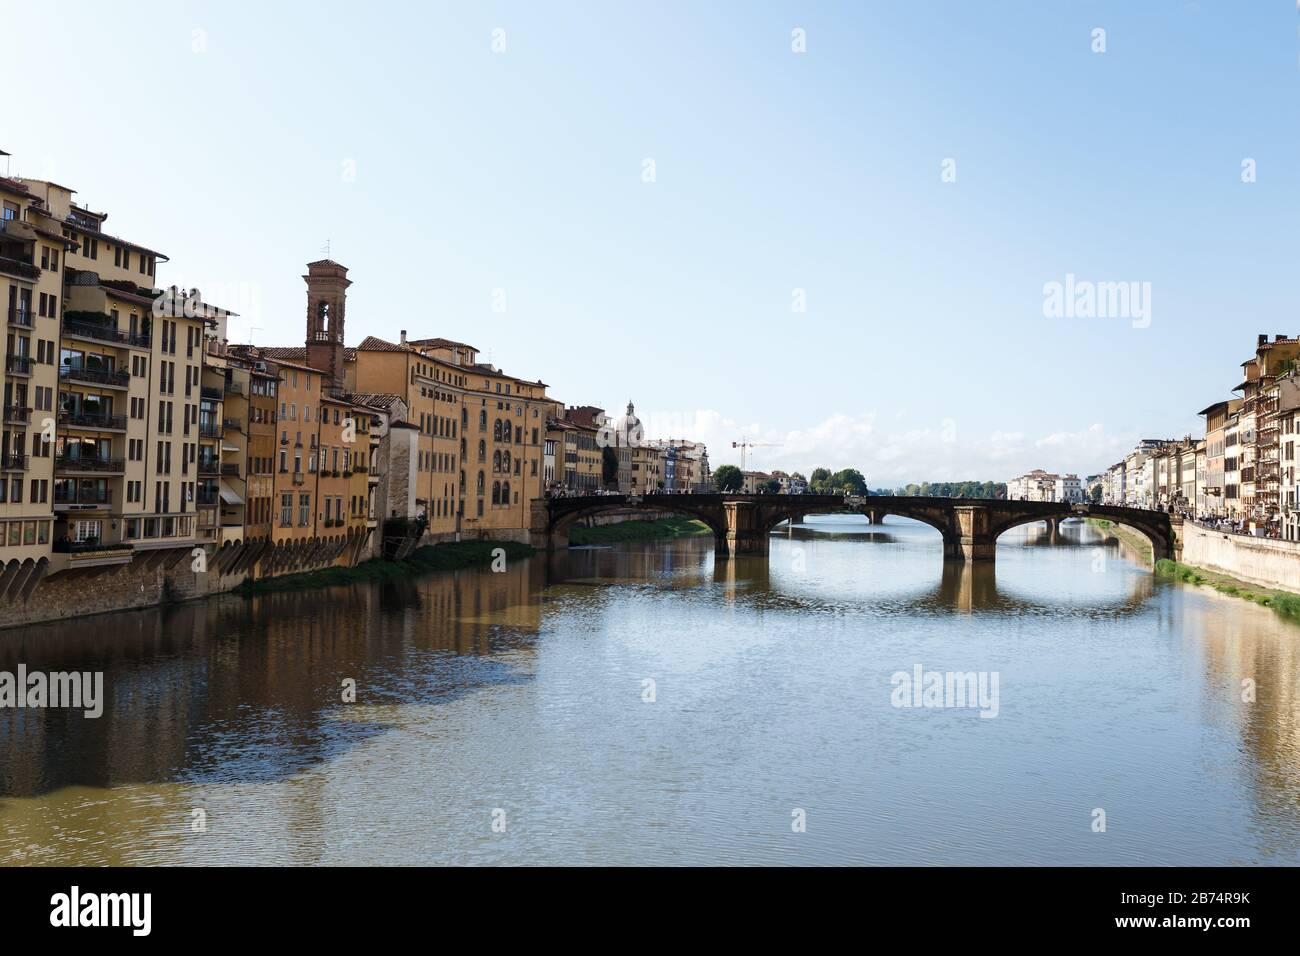 Rues avec maisons anciennes colorées et ponts au milieu de Florence Banque D'Images